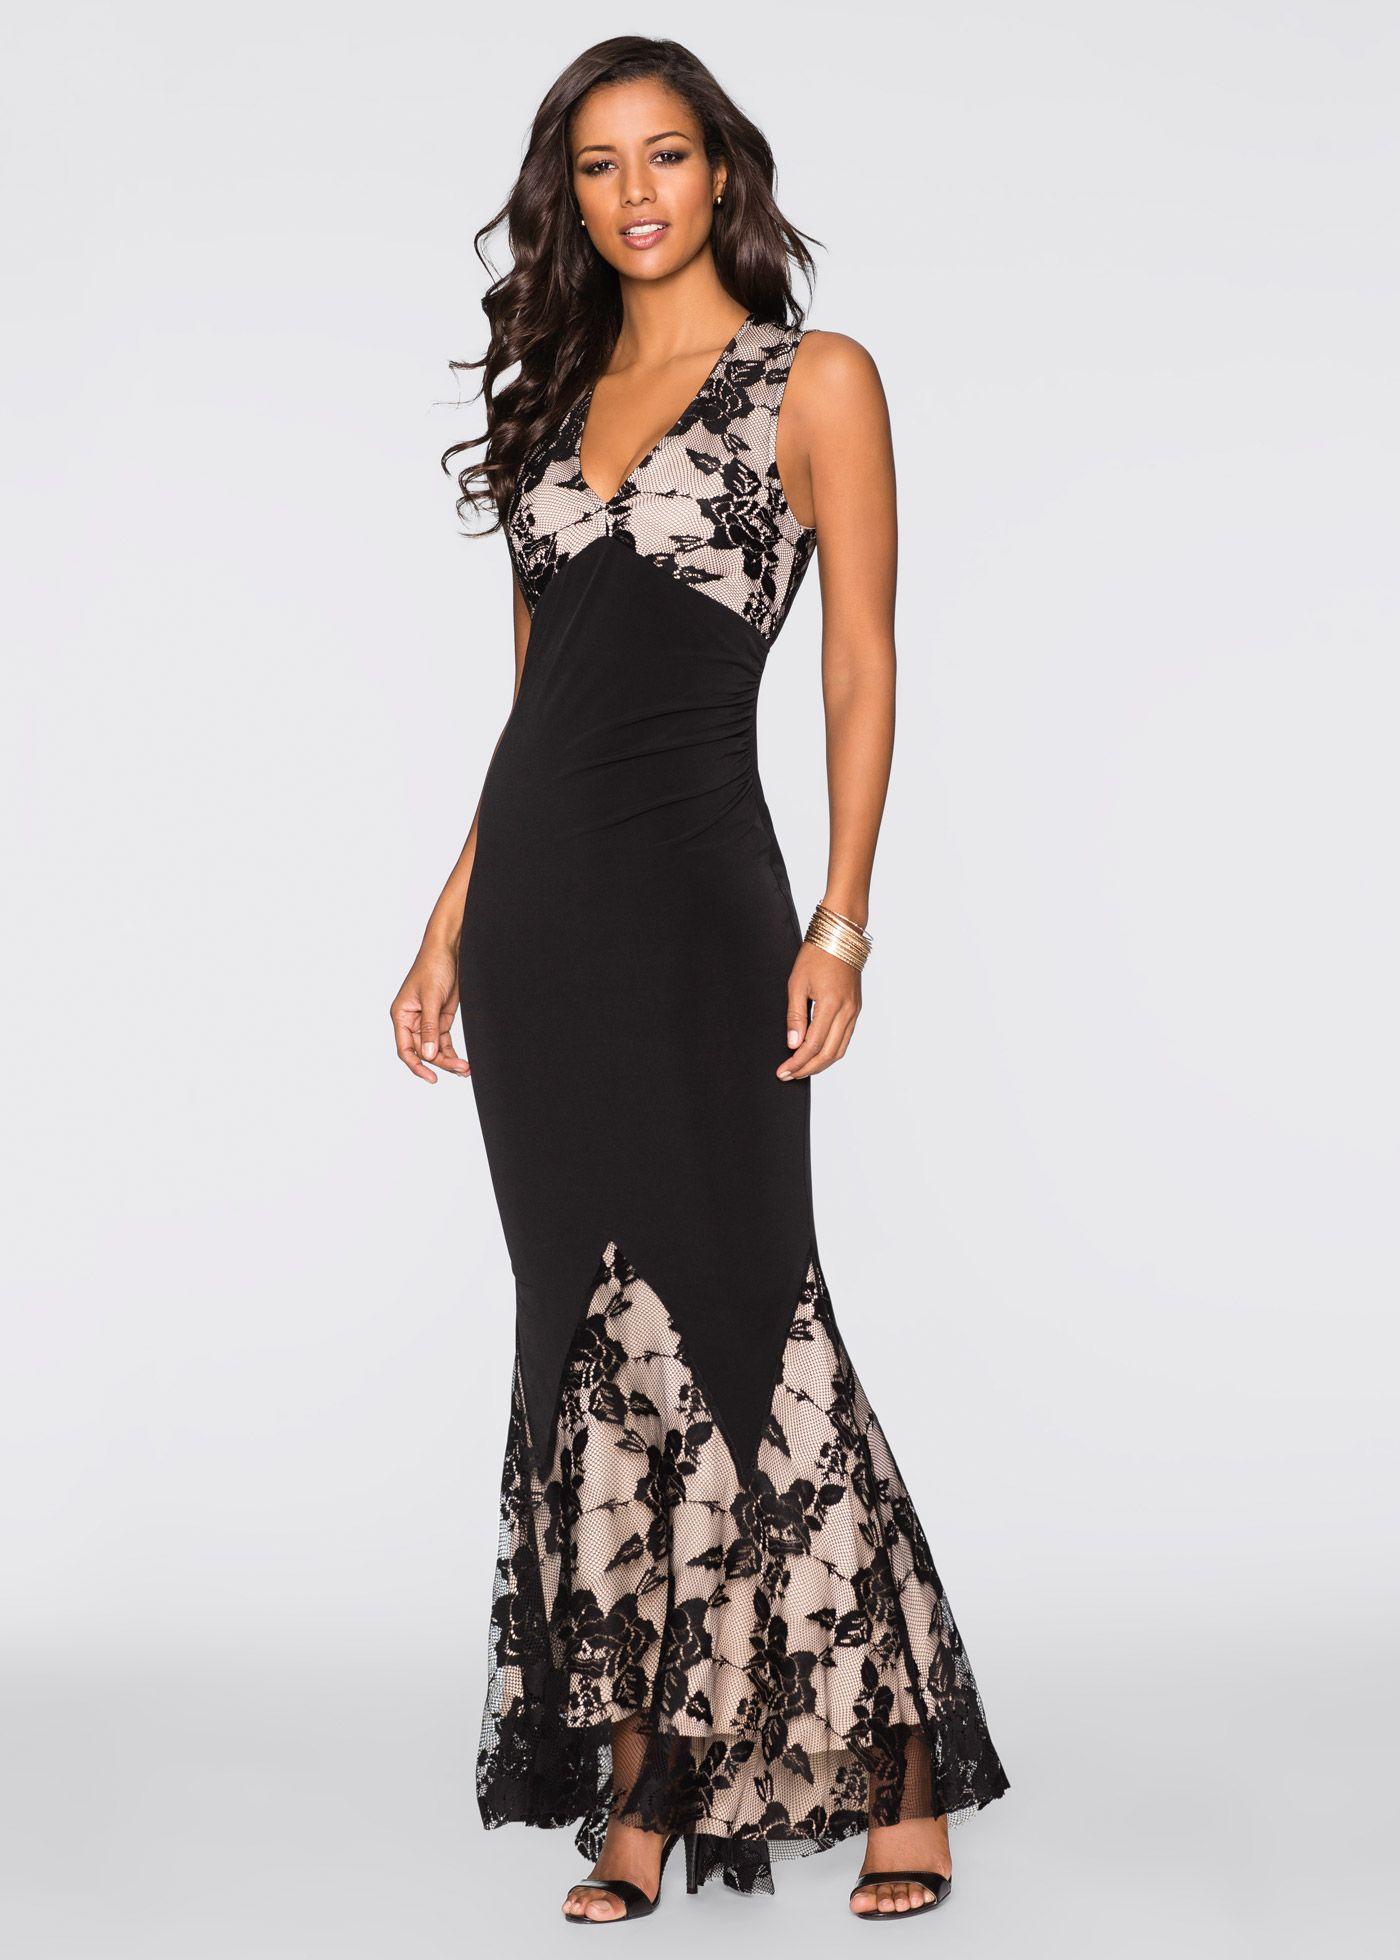 Abendkleid schwarz - BODYFLIRT boutique jetzt im Online Shop von